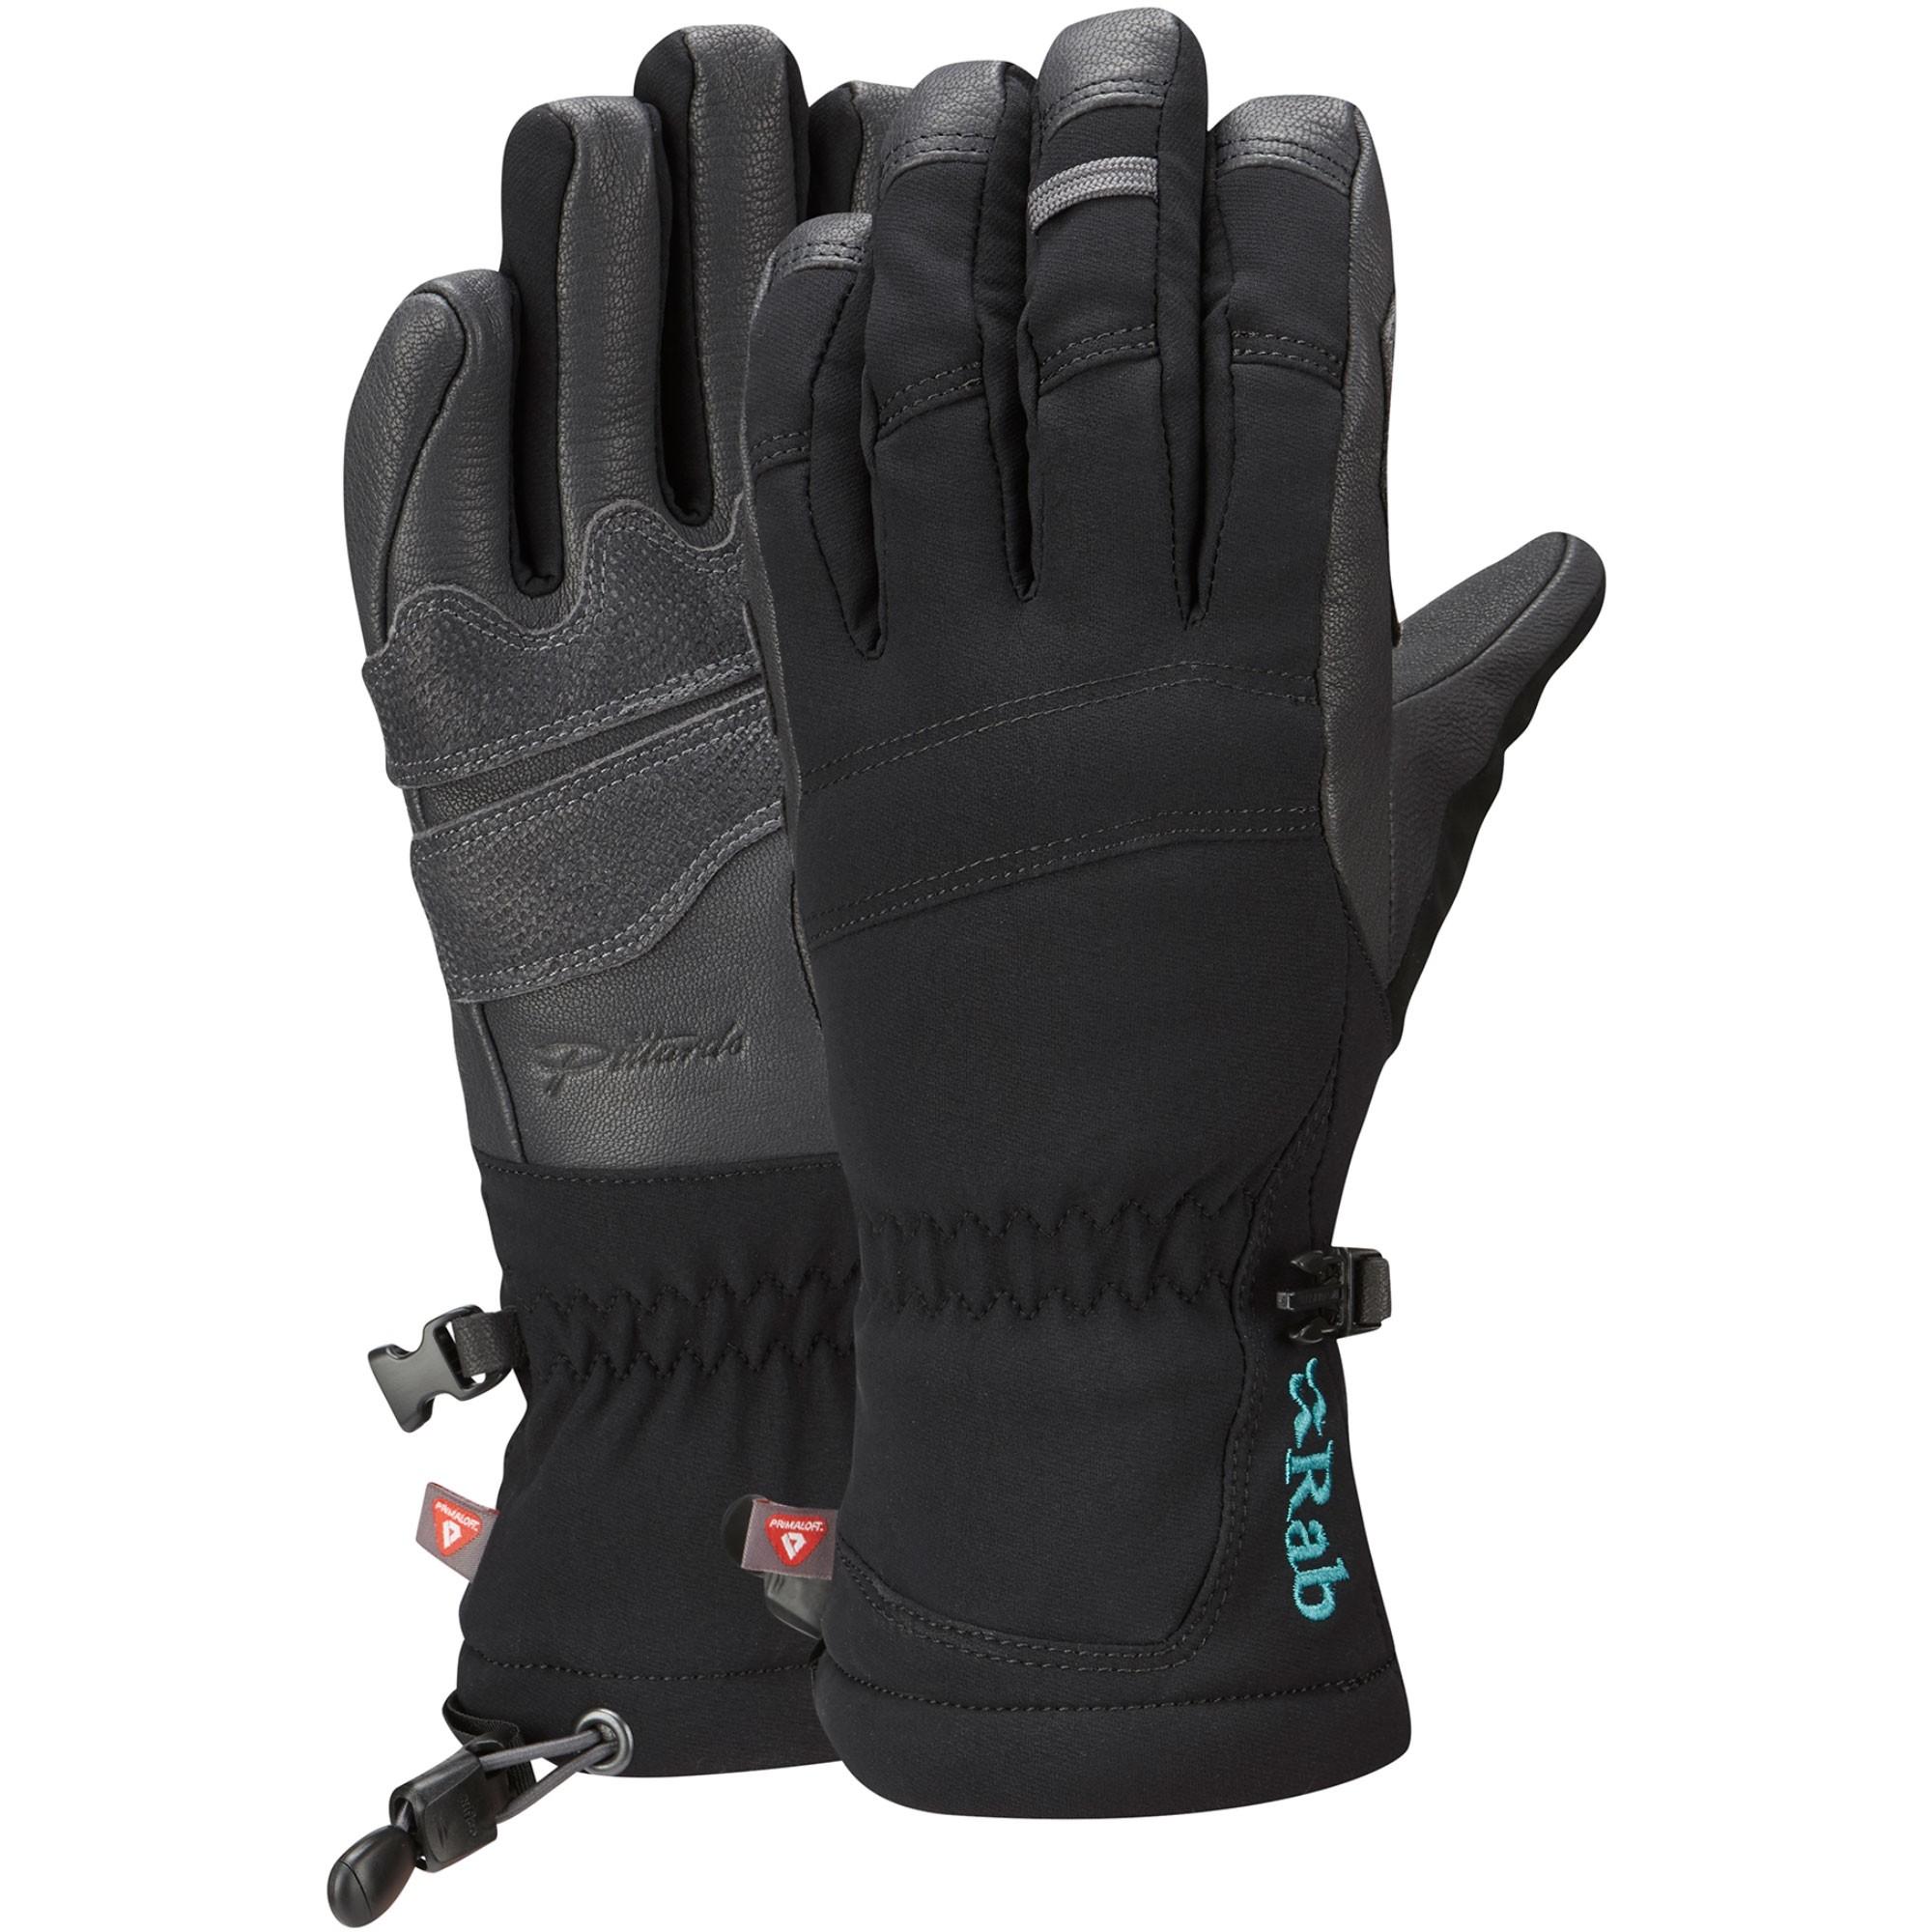 Rab Baltoro Glove - Women's - Black